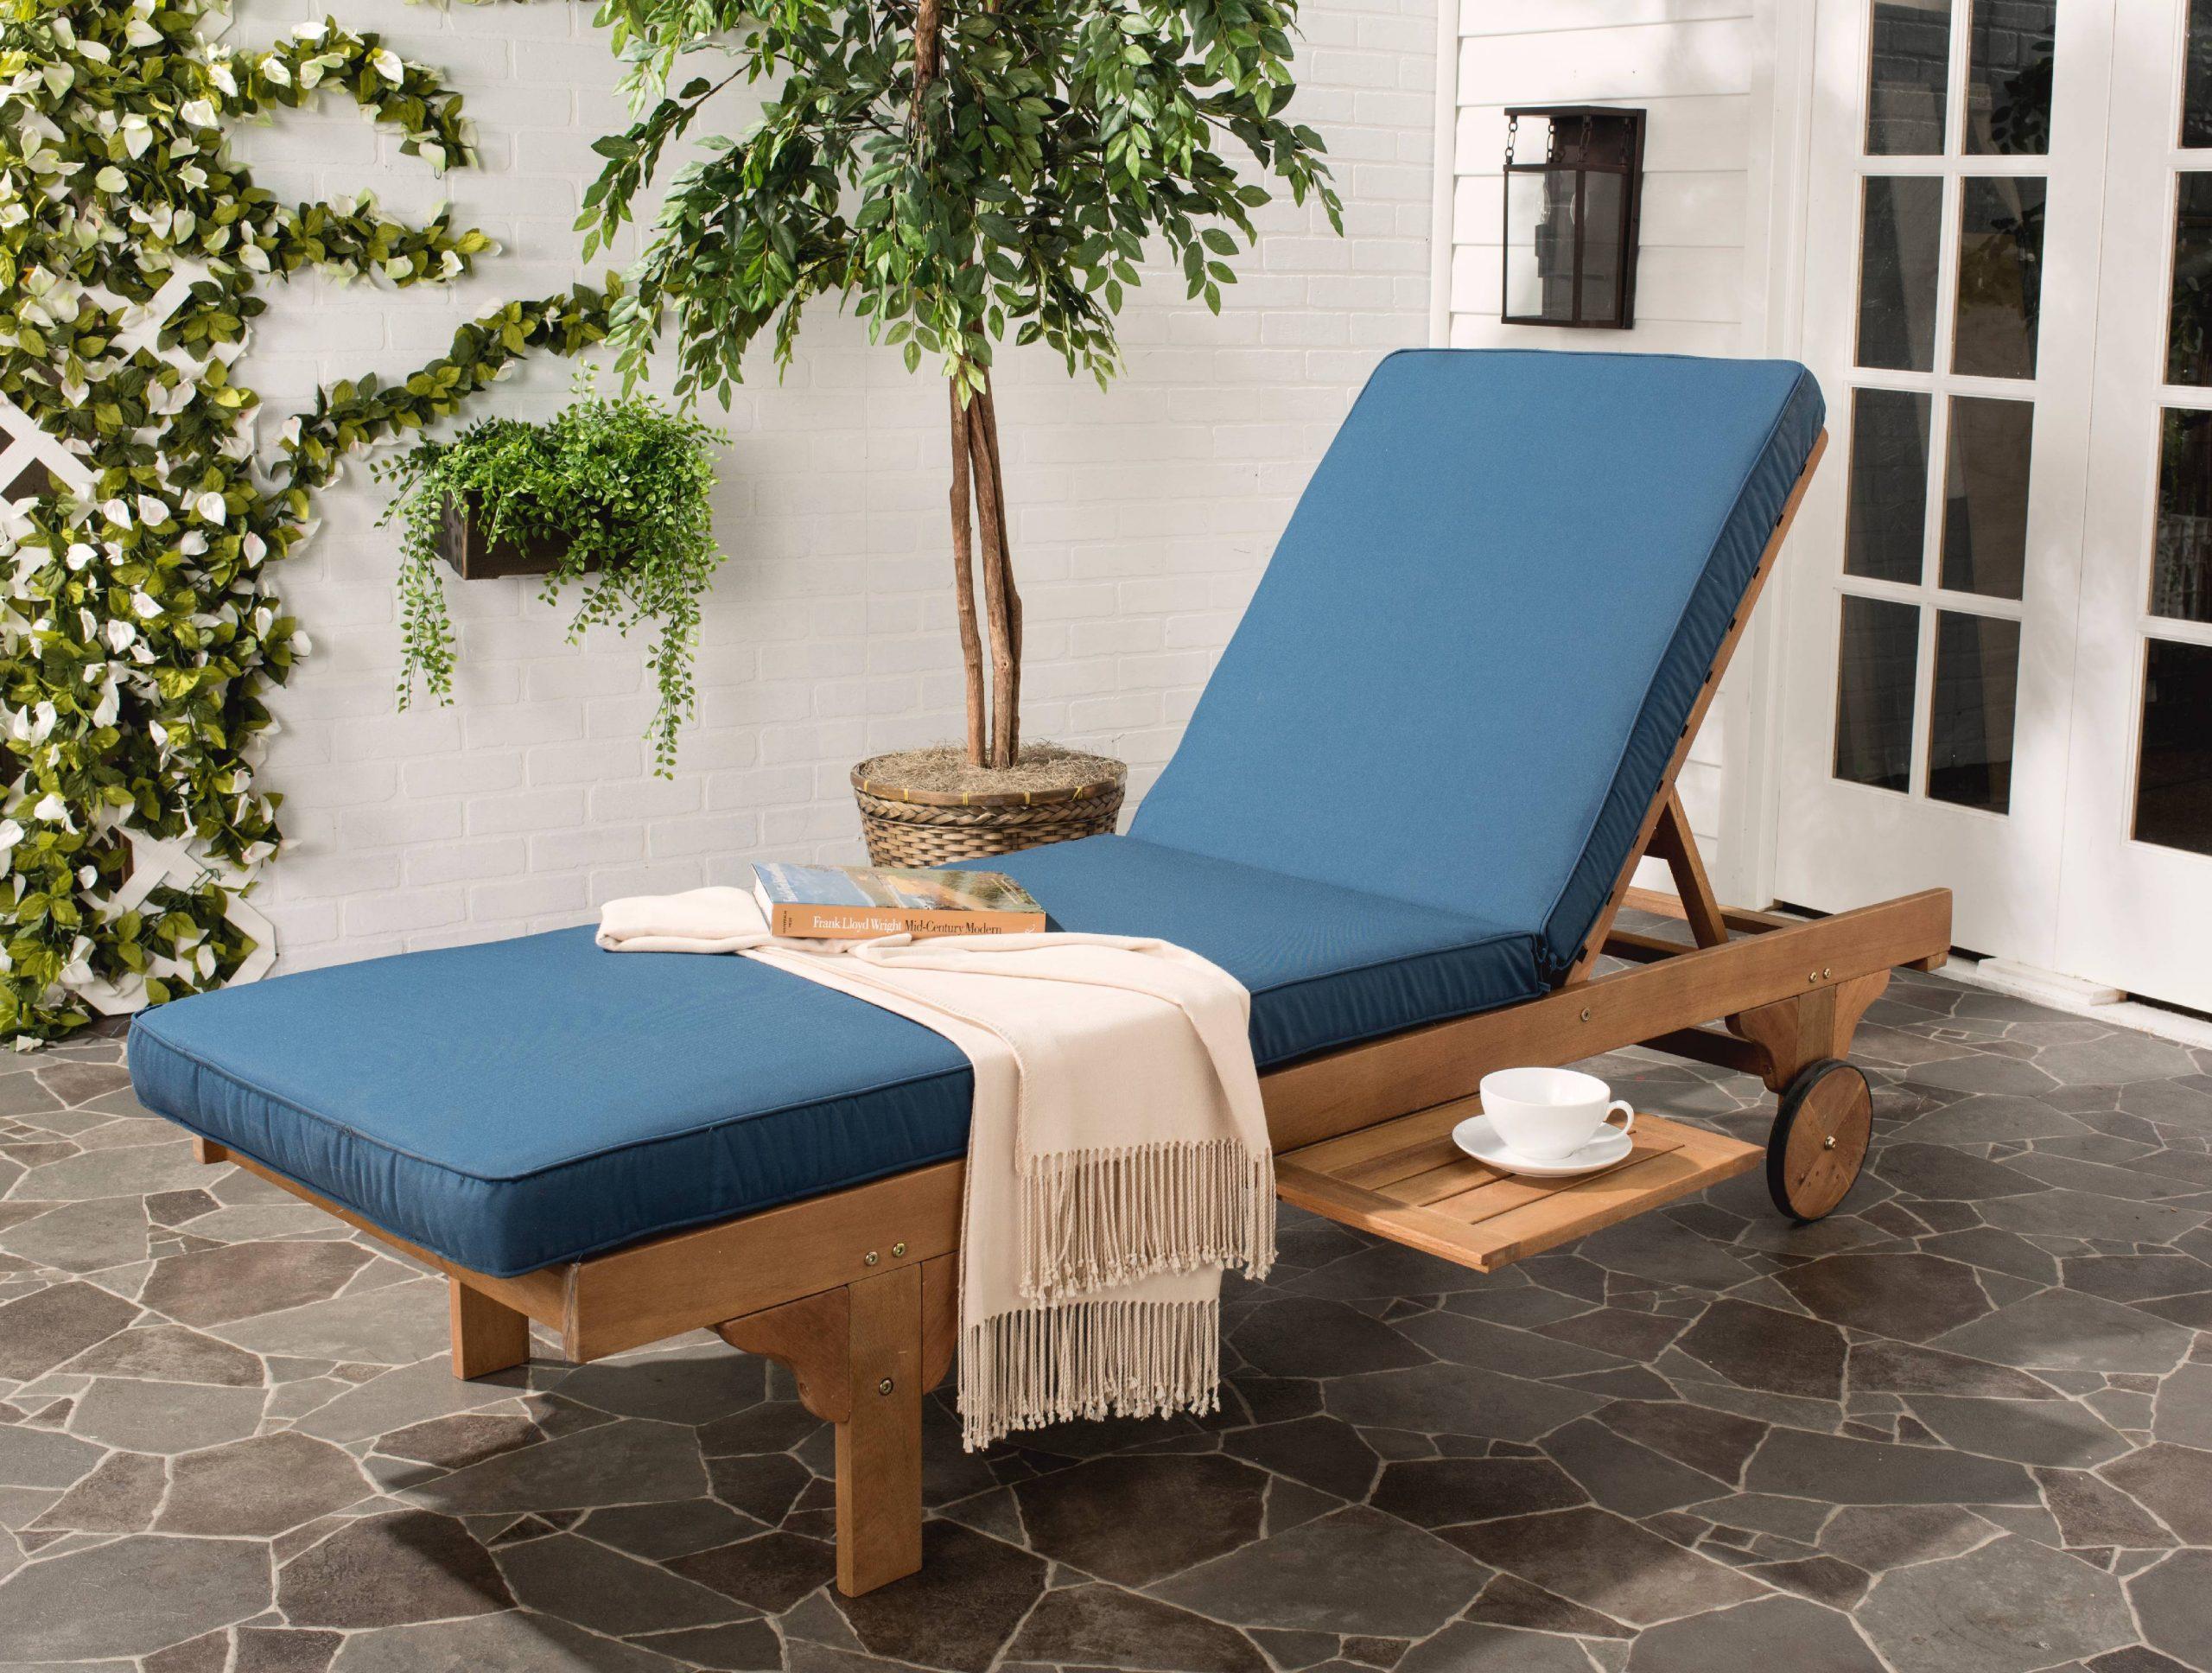 Uteservering och lounge stolar